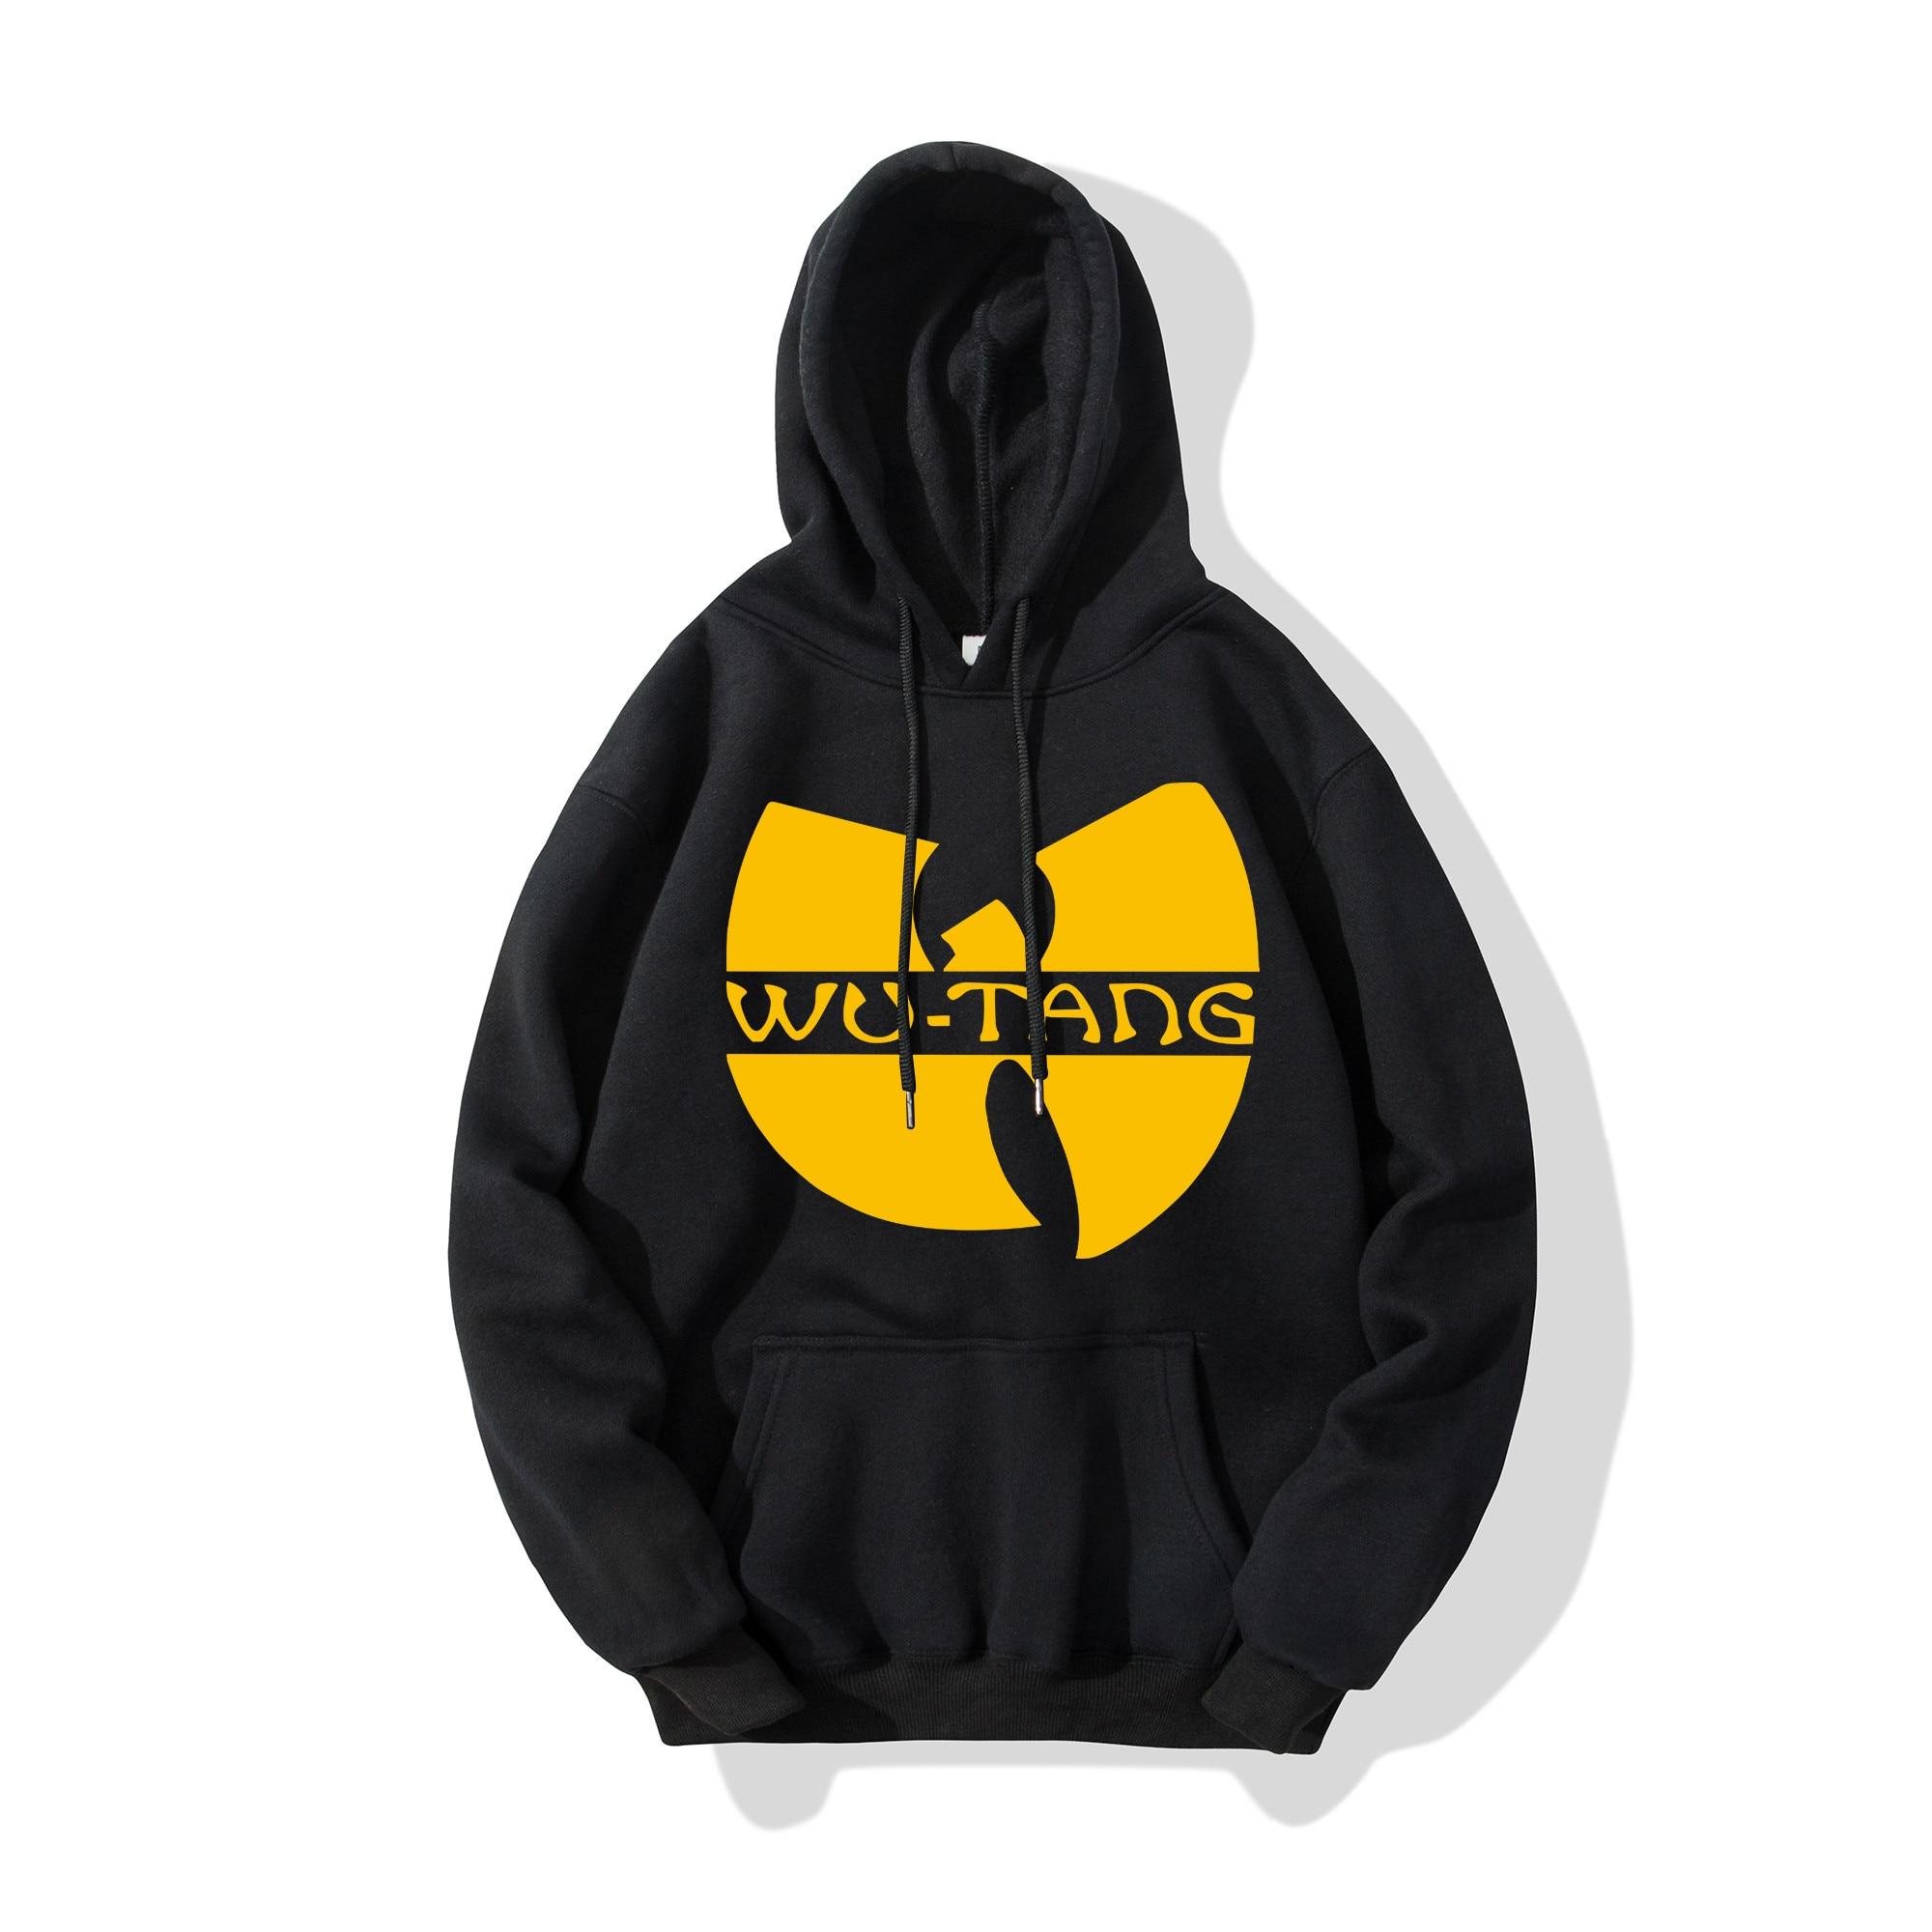 Wu Tang Clan Men Women Hoodie Fashion Hip Hop Band Logo Design Hoodies Fans Fashion Hooded Long Sleeve Sweatshirt Rap Music Tops